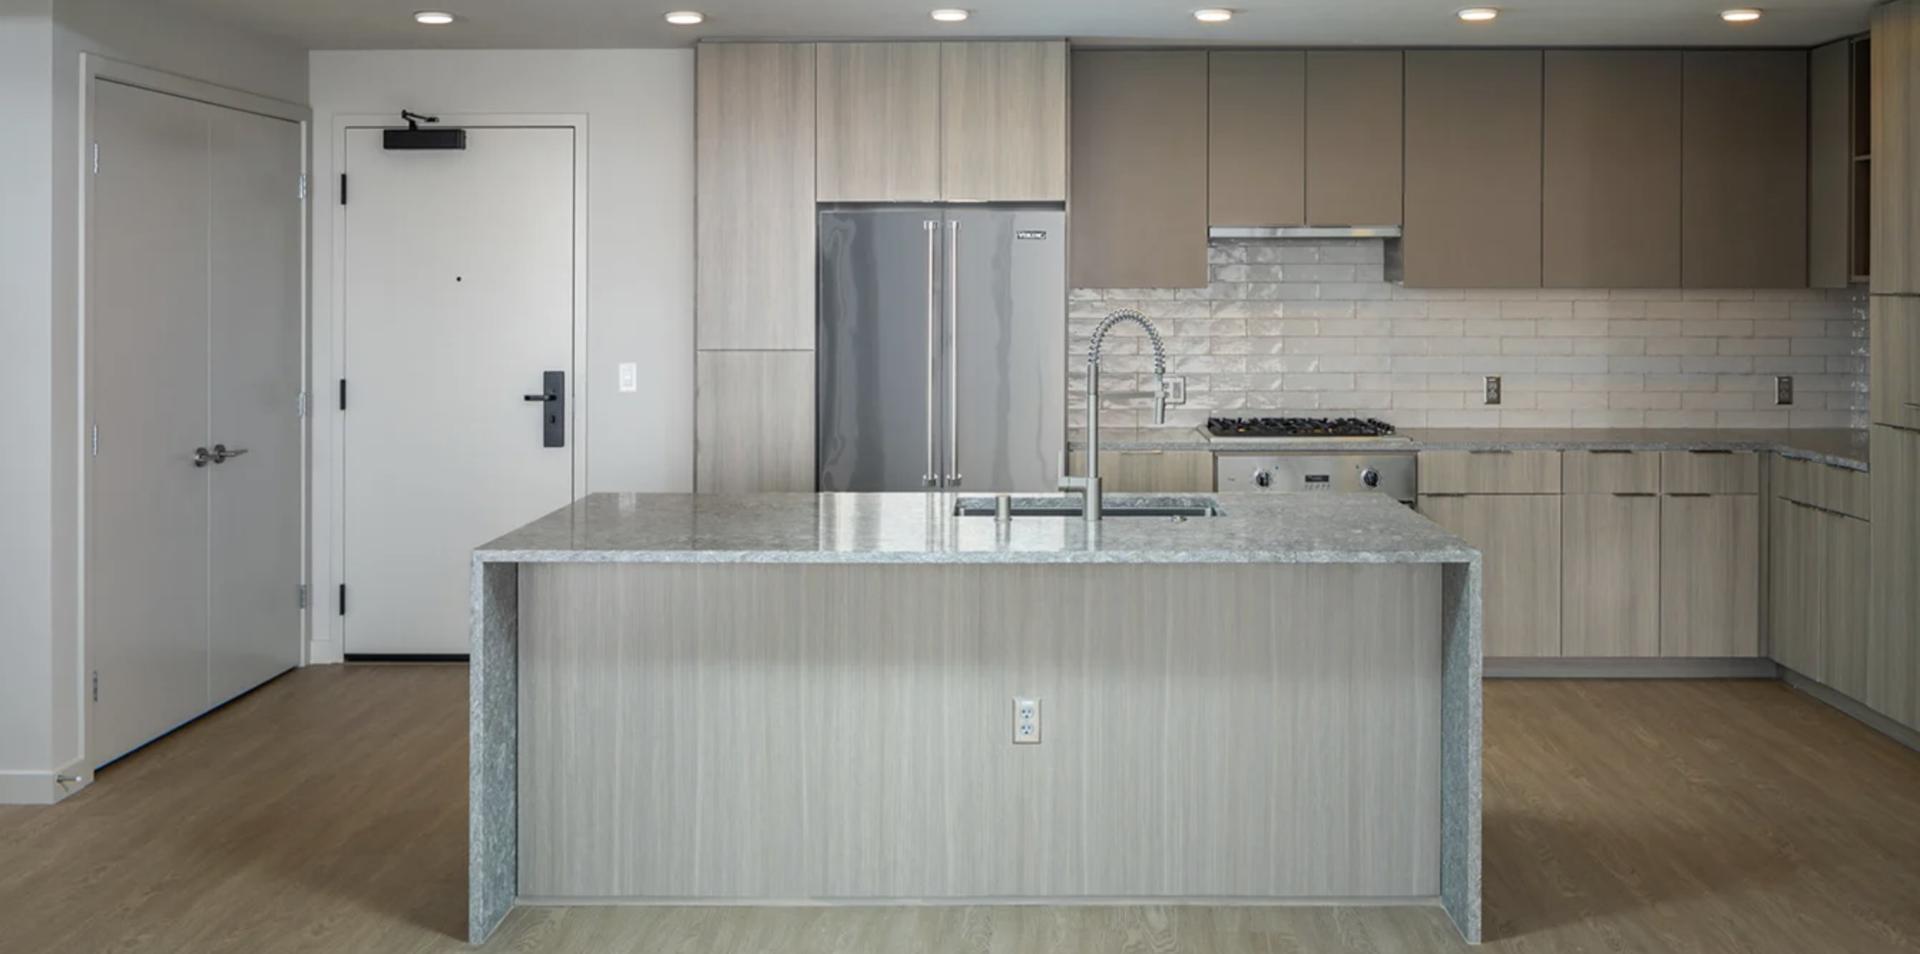 601 11th Avenue #1712, San Diego, CA - $4,755 USD/ month